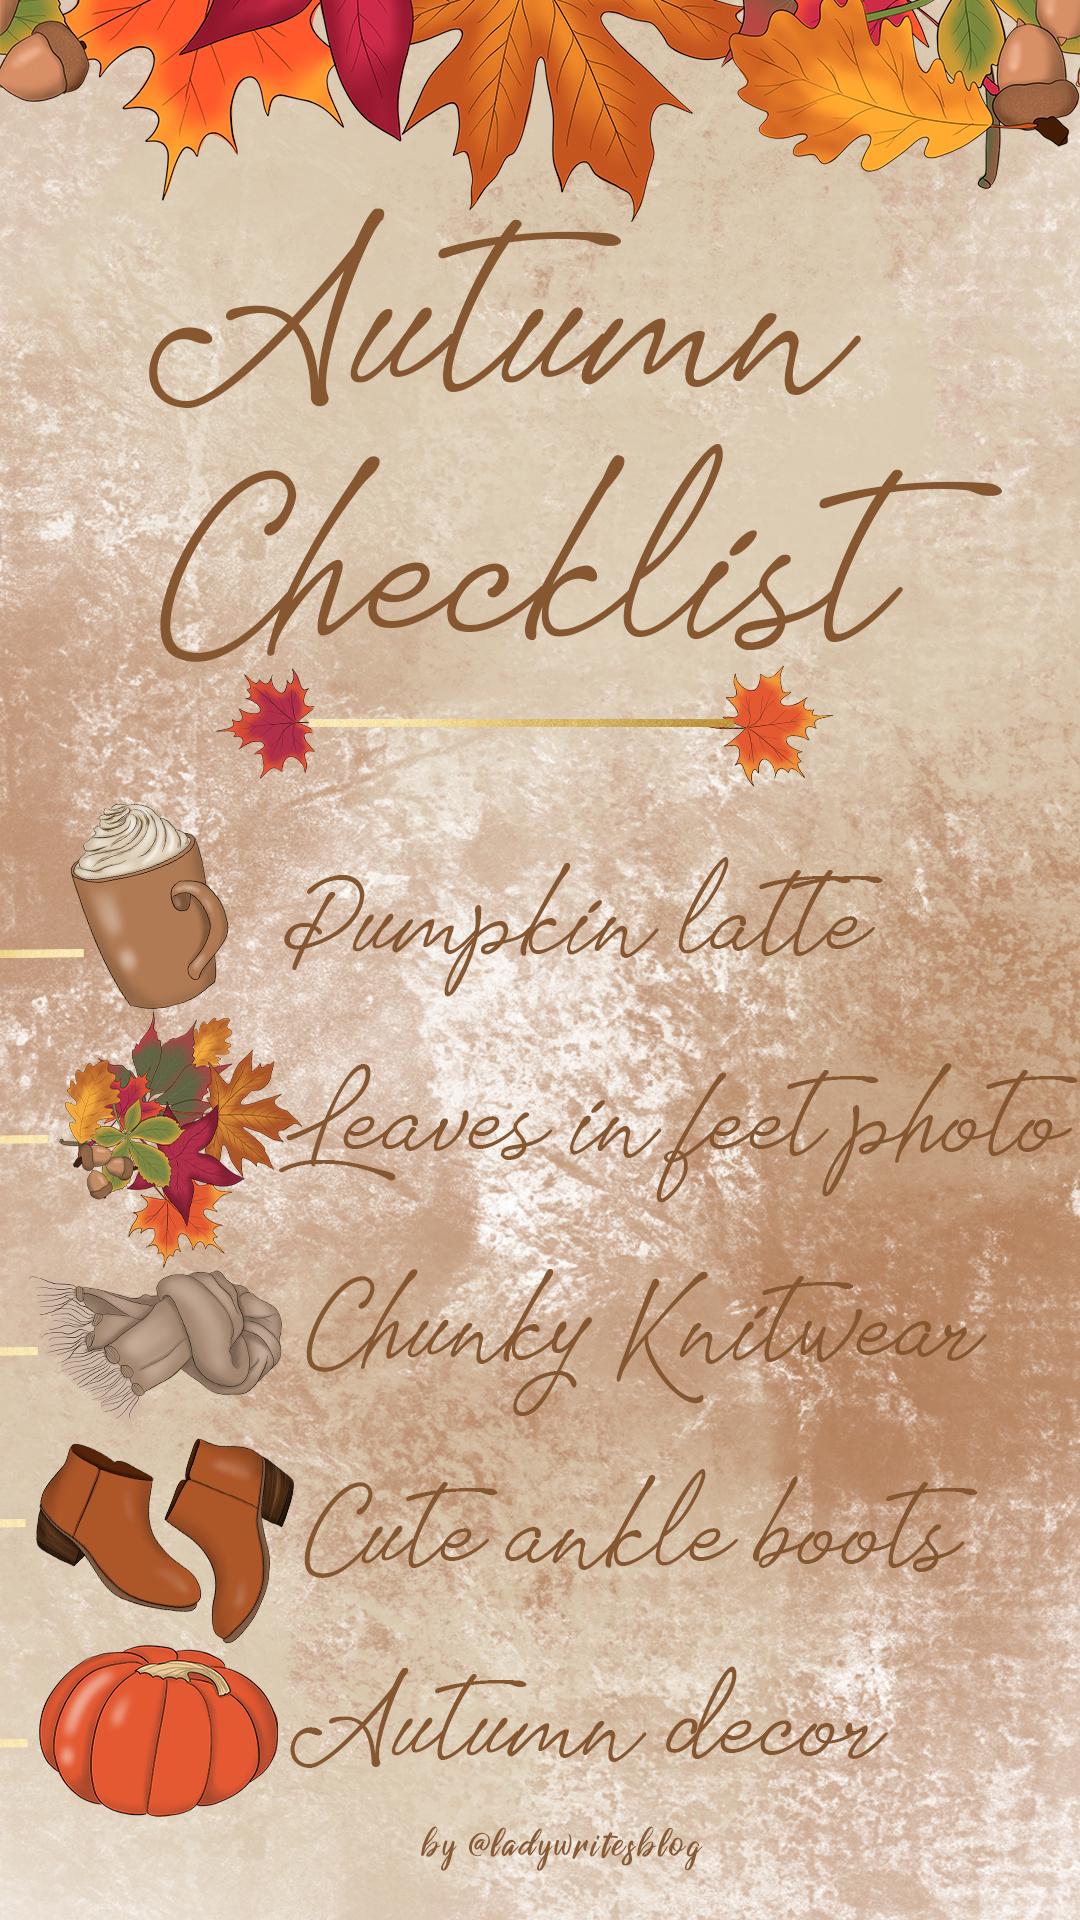 Free Autumn checklist wallpaper